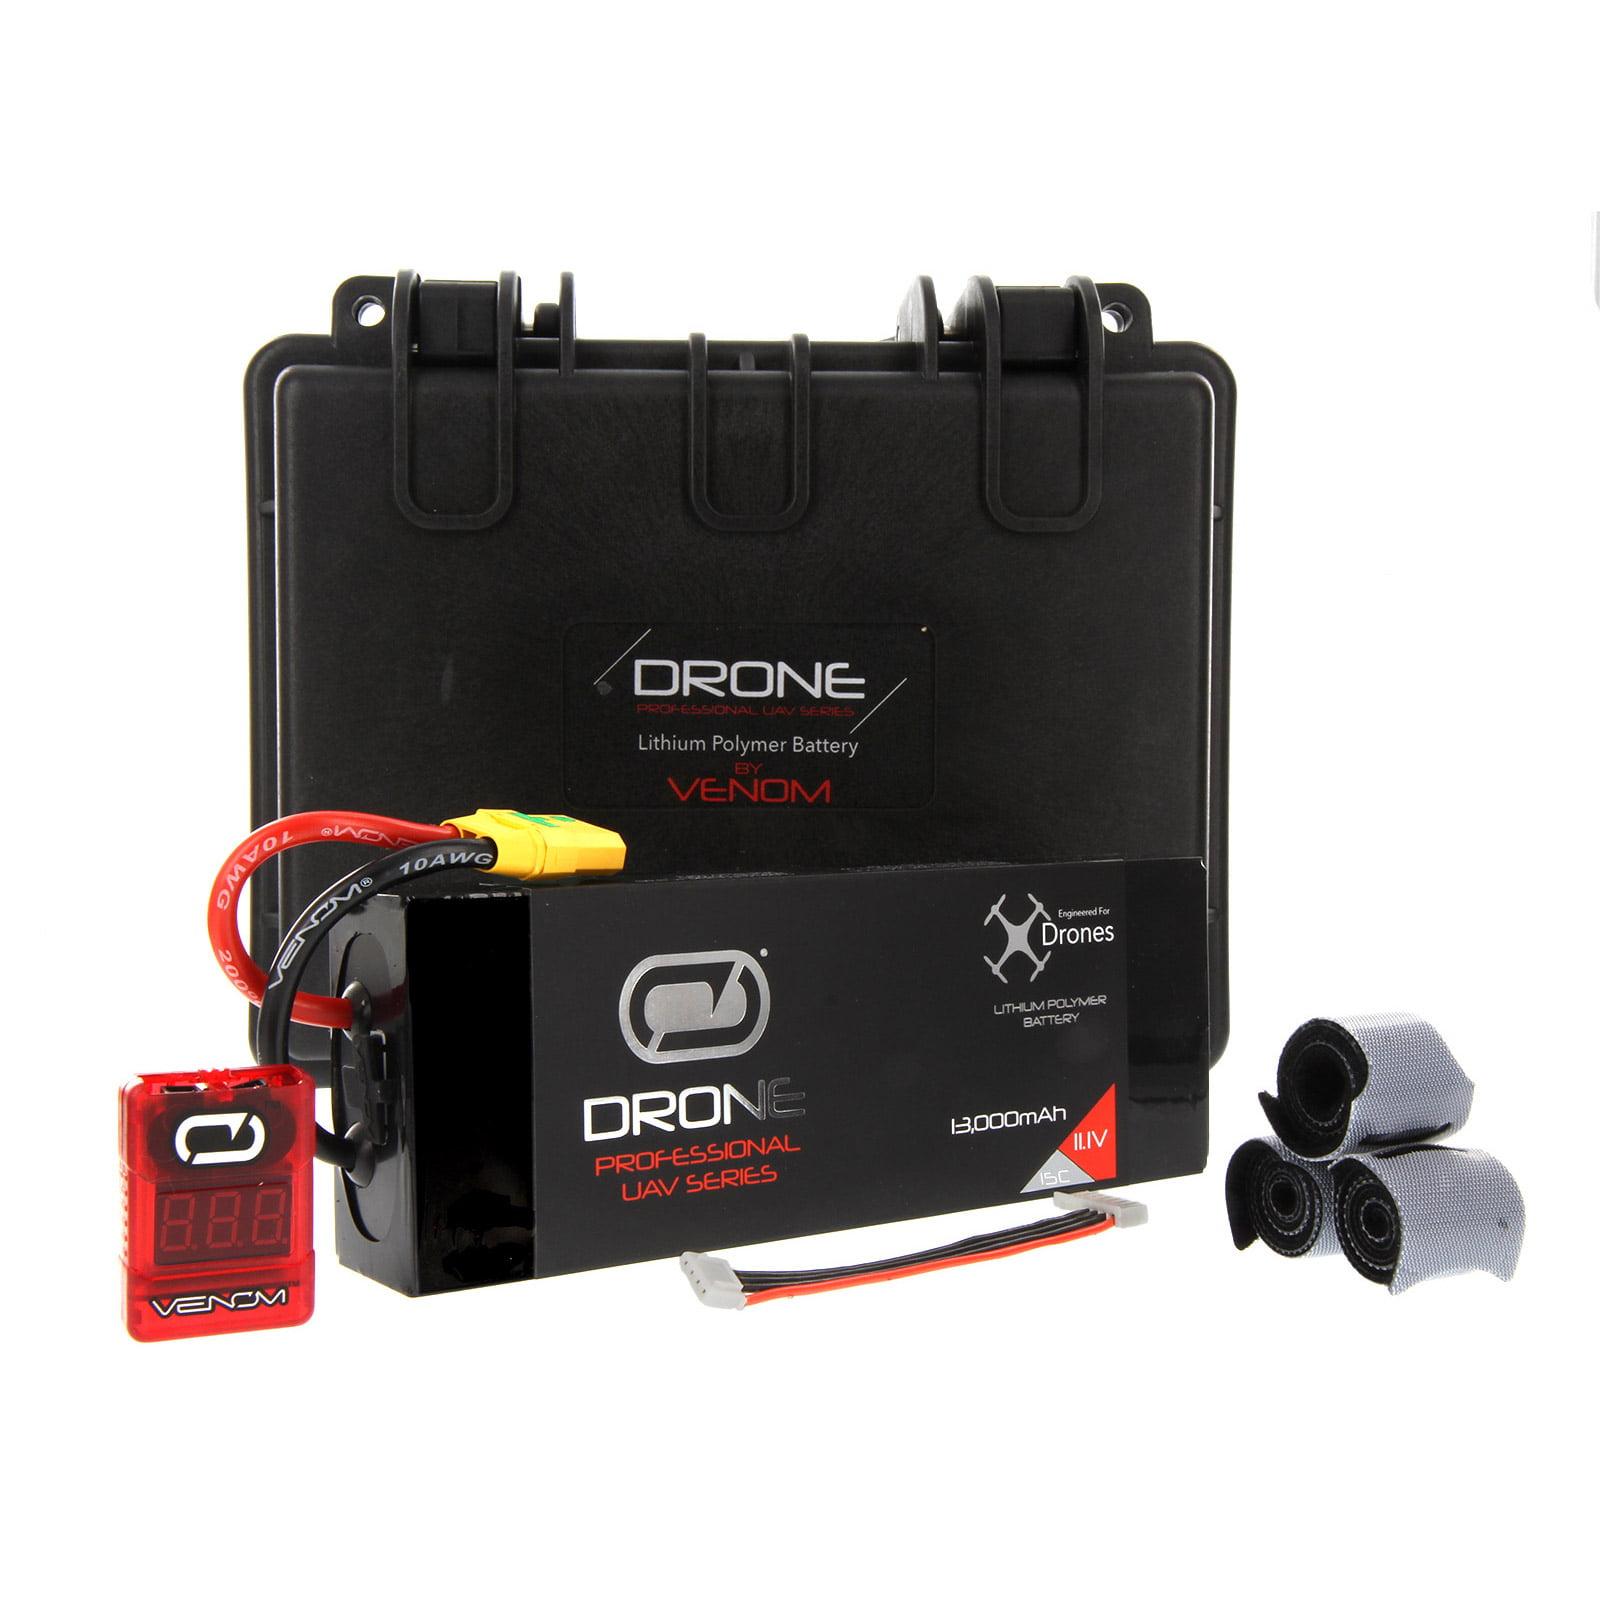 Tarot T18 15C 3S 13000mAh 11.1V LiPo Drone Pro Battery with XT90-S plug by Venom